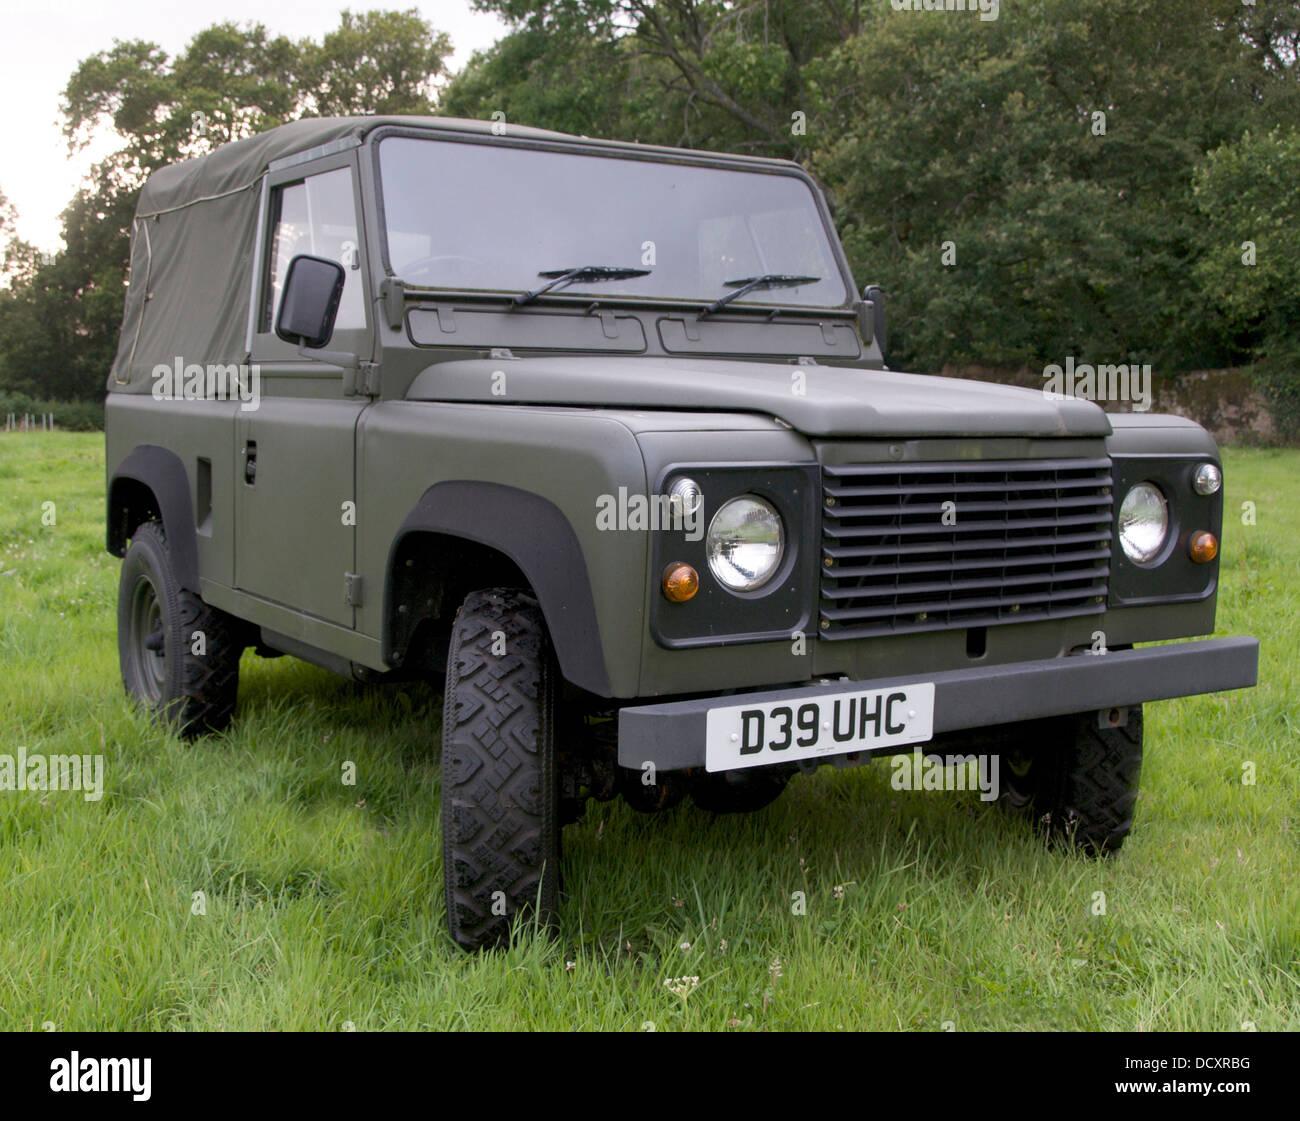 Land Rover Defender Dashboard >> Vintage 1986 Land Rover Defender/ '90' old 'Series' land rover Stock Photo: 59596084 - Alamy